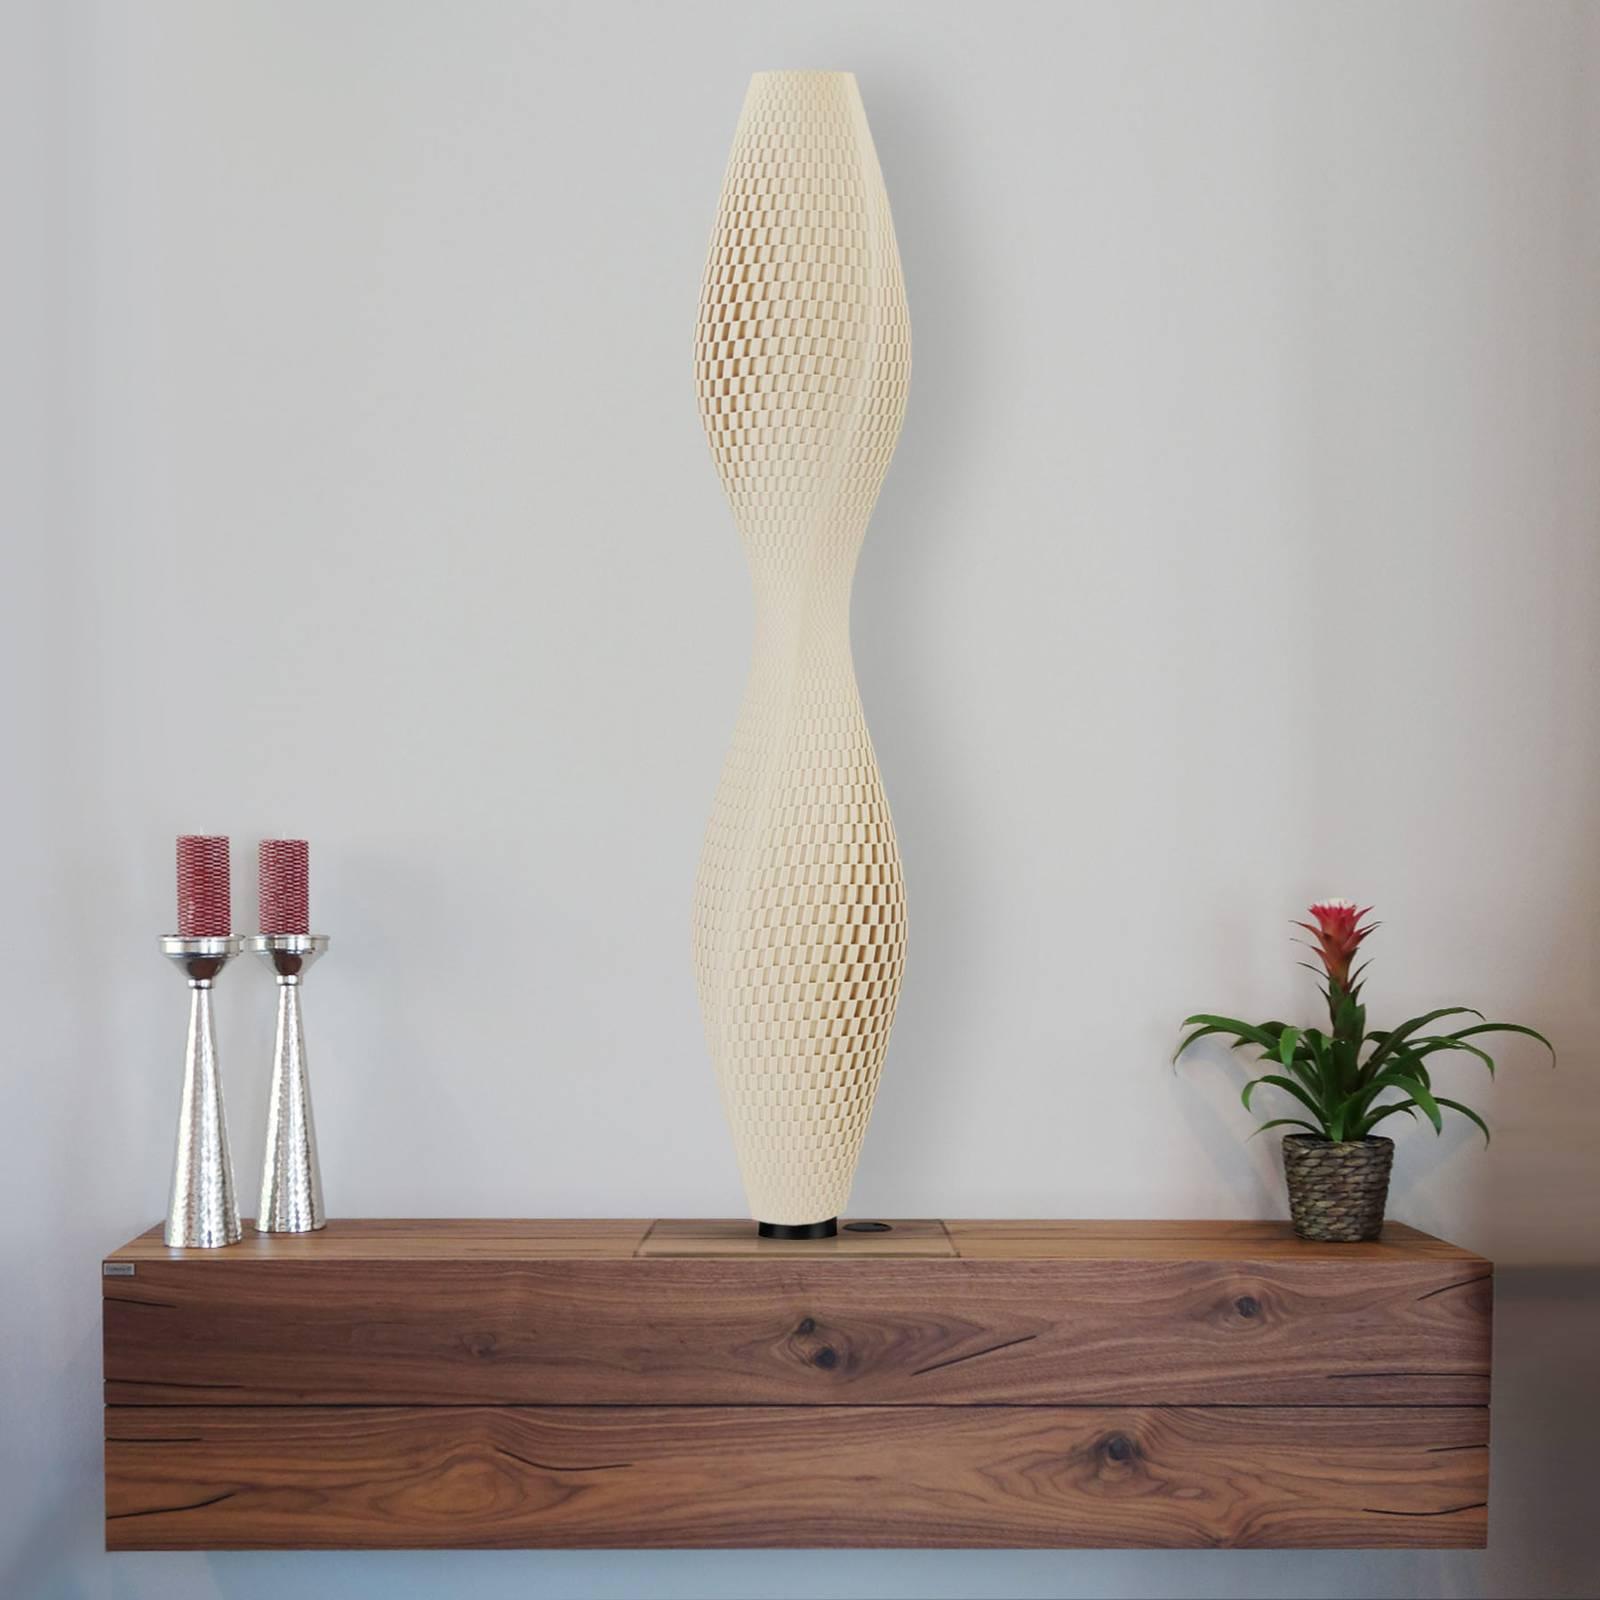 LED vloerlamp vlechtwerk Lava, 75cm, beige